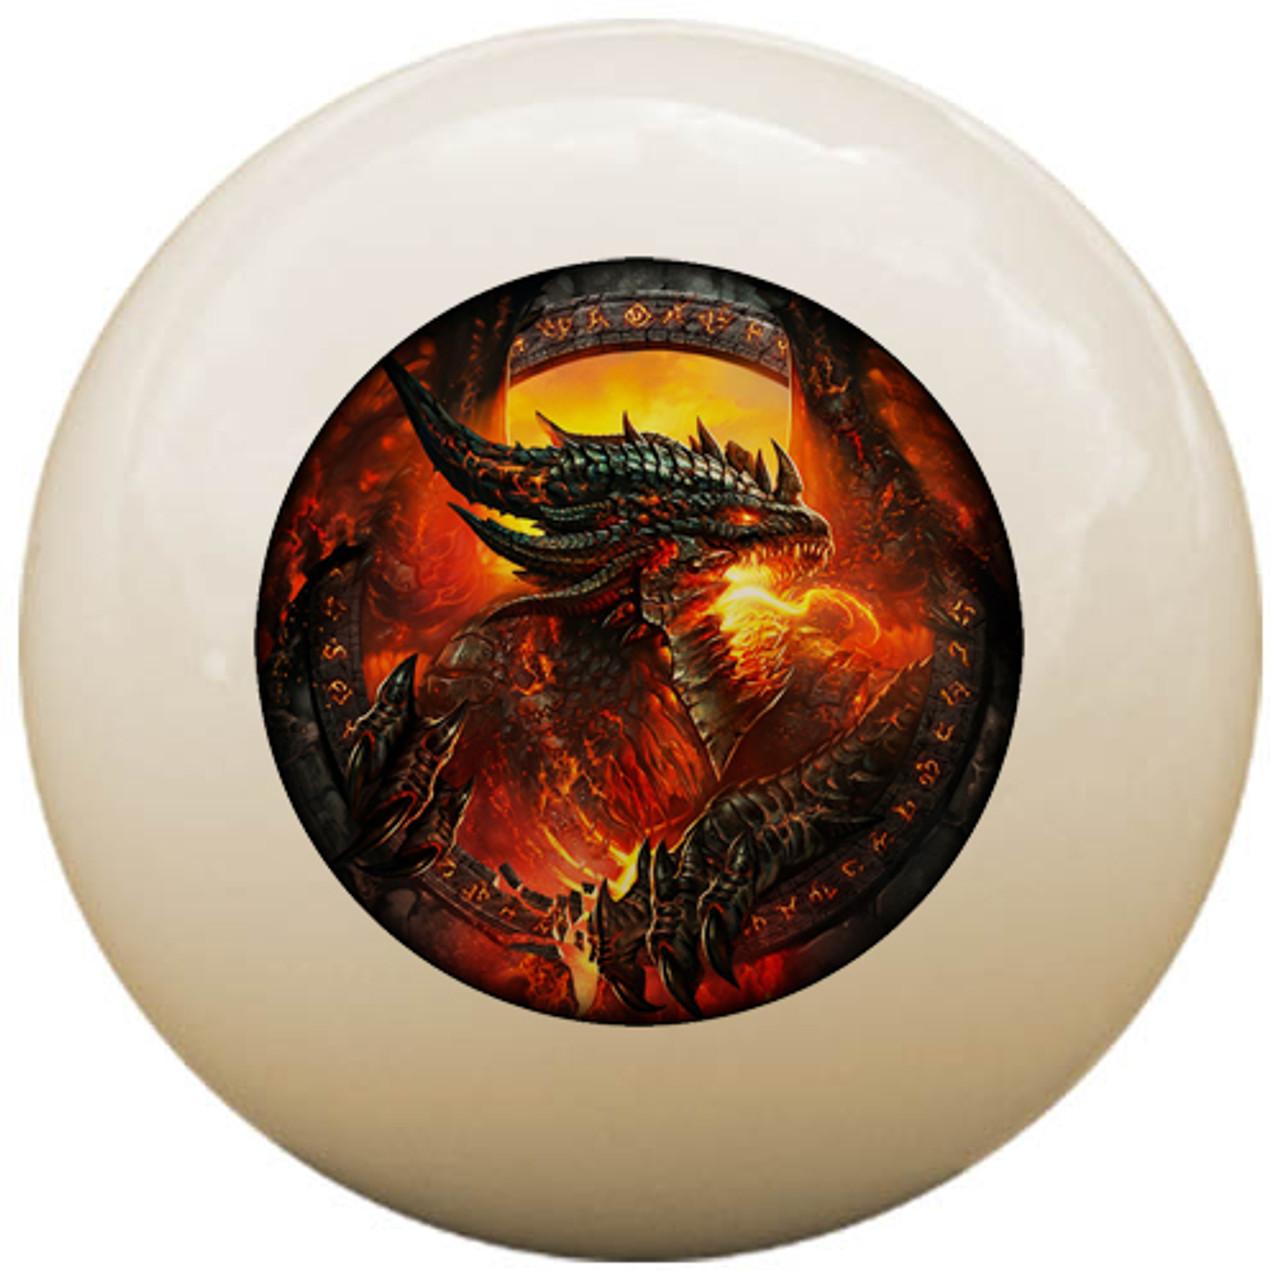 Custom Pool Cue Ball - Fire Breathing Dragon